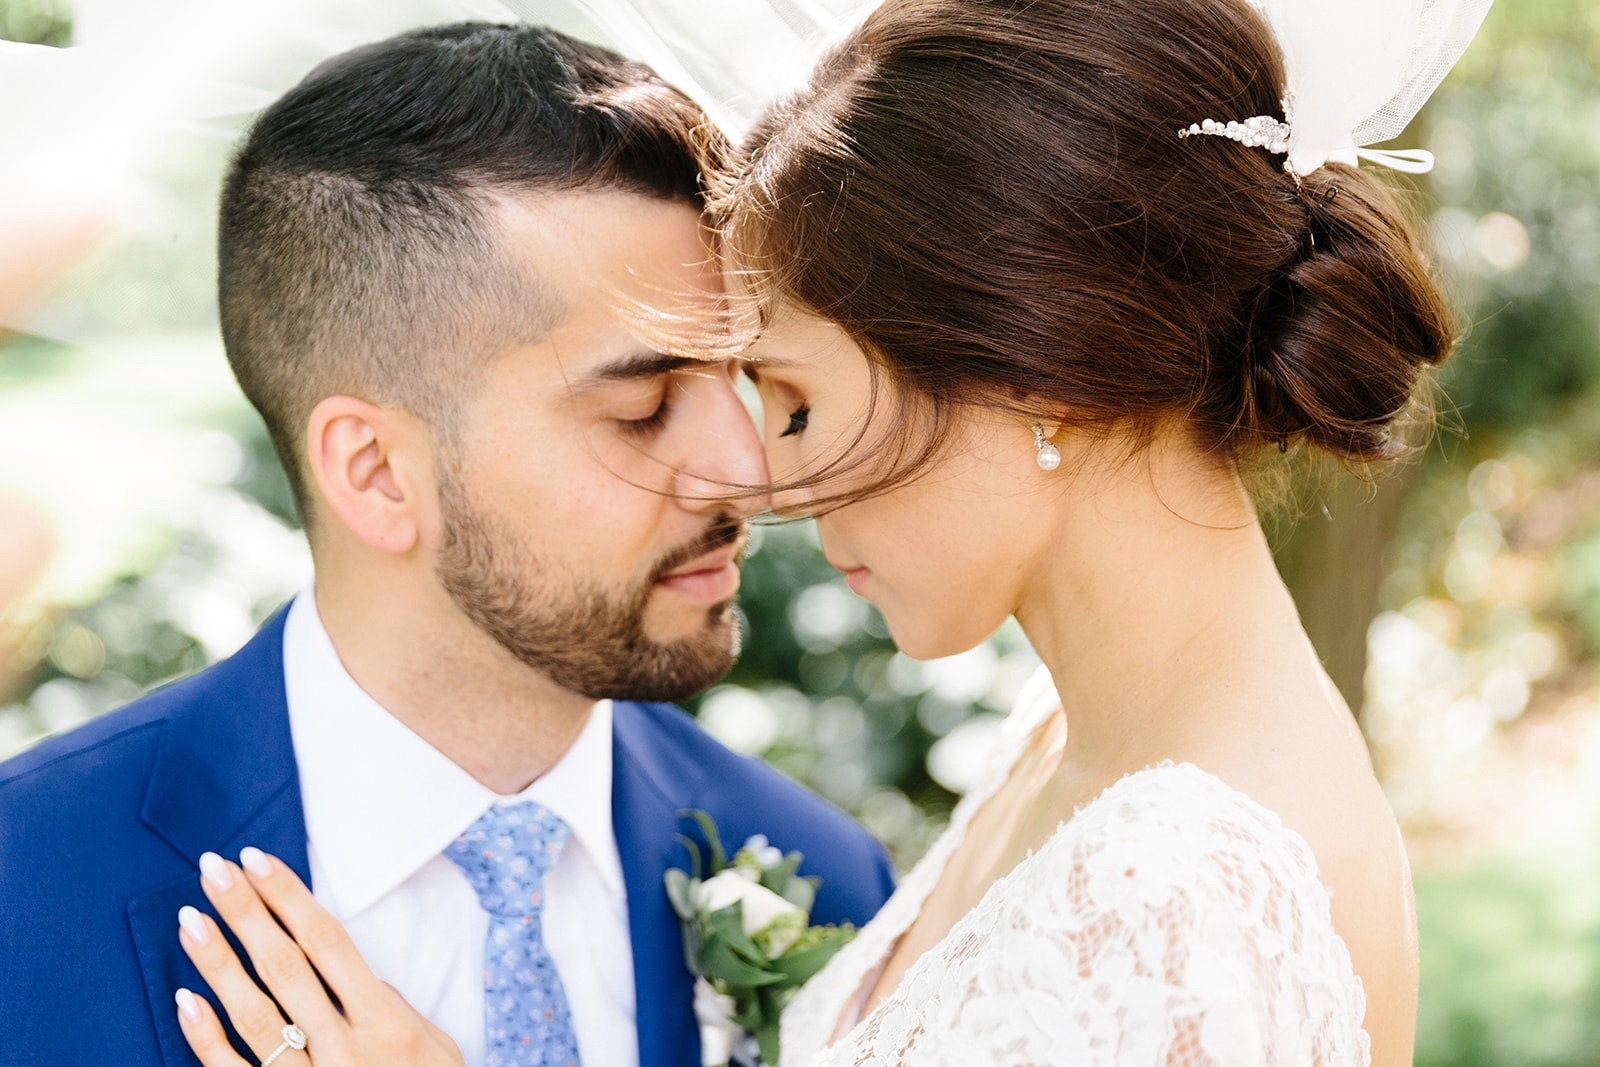 Revel Photography Wedding & Engagement Photography Cover Image